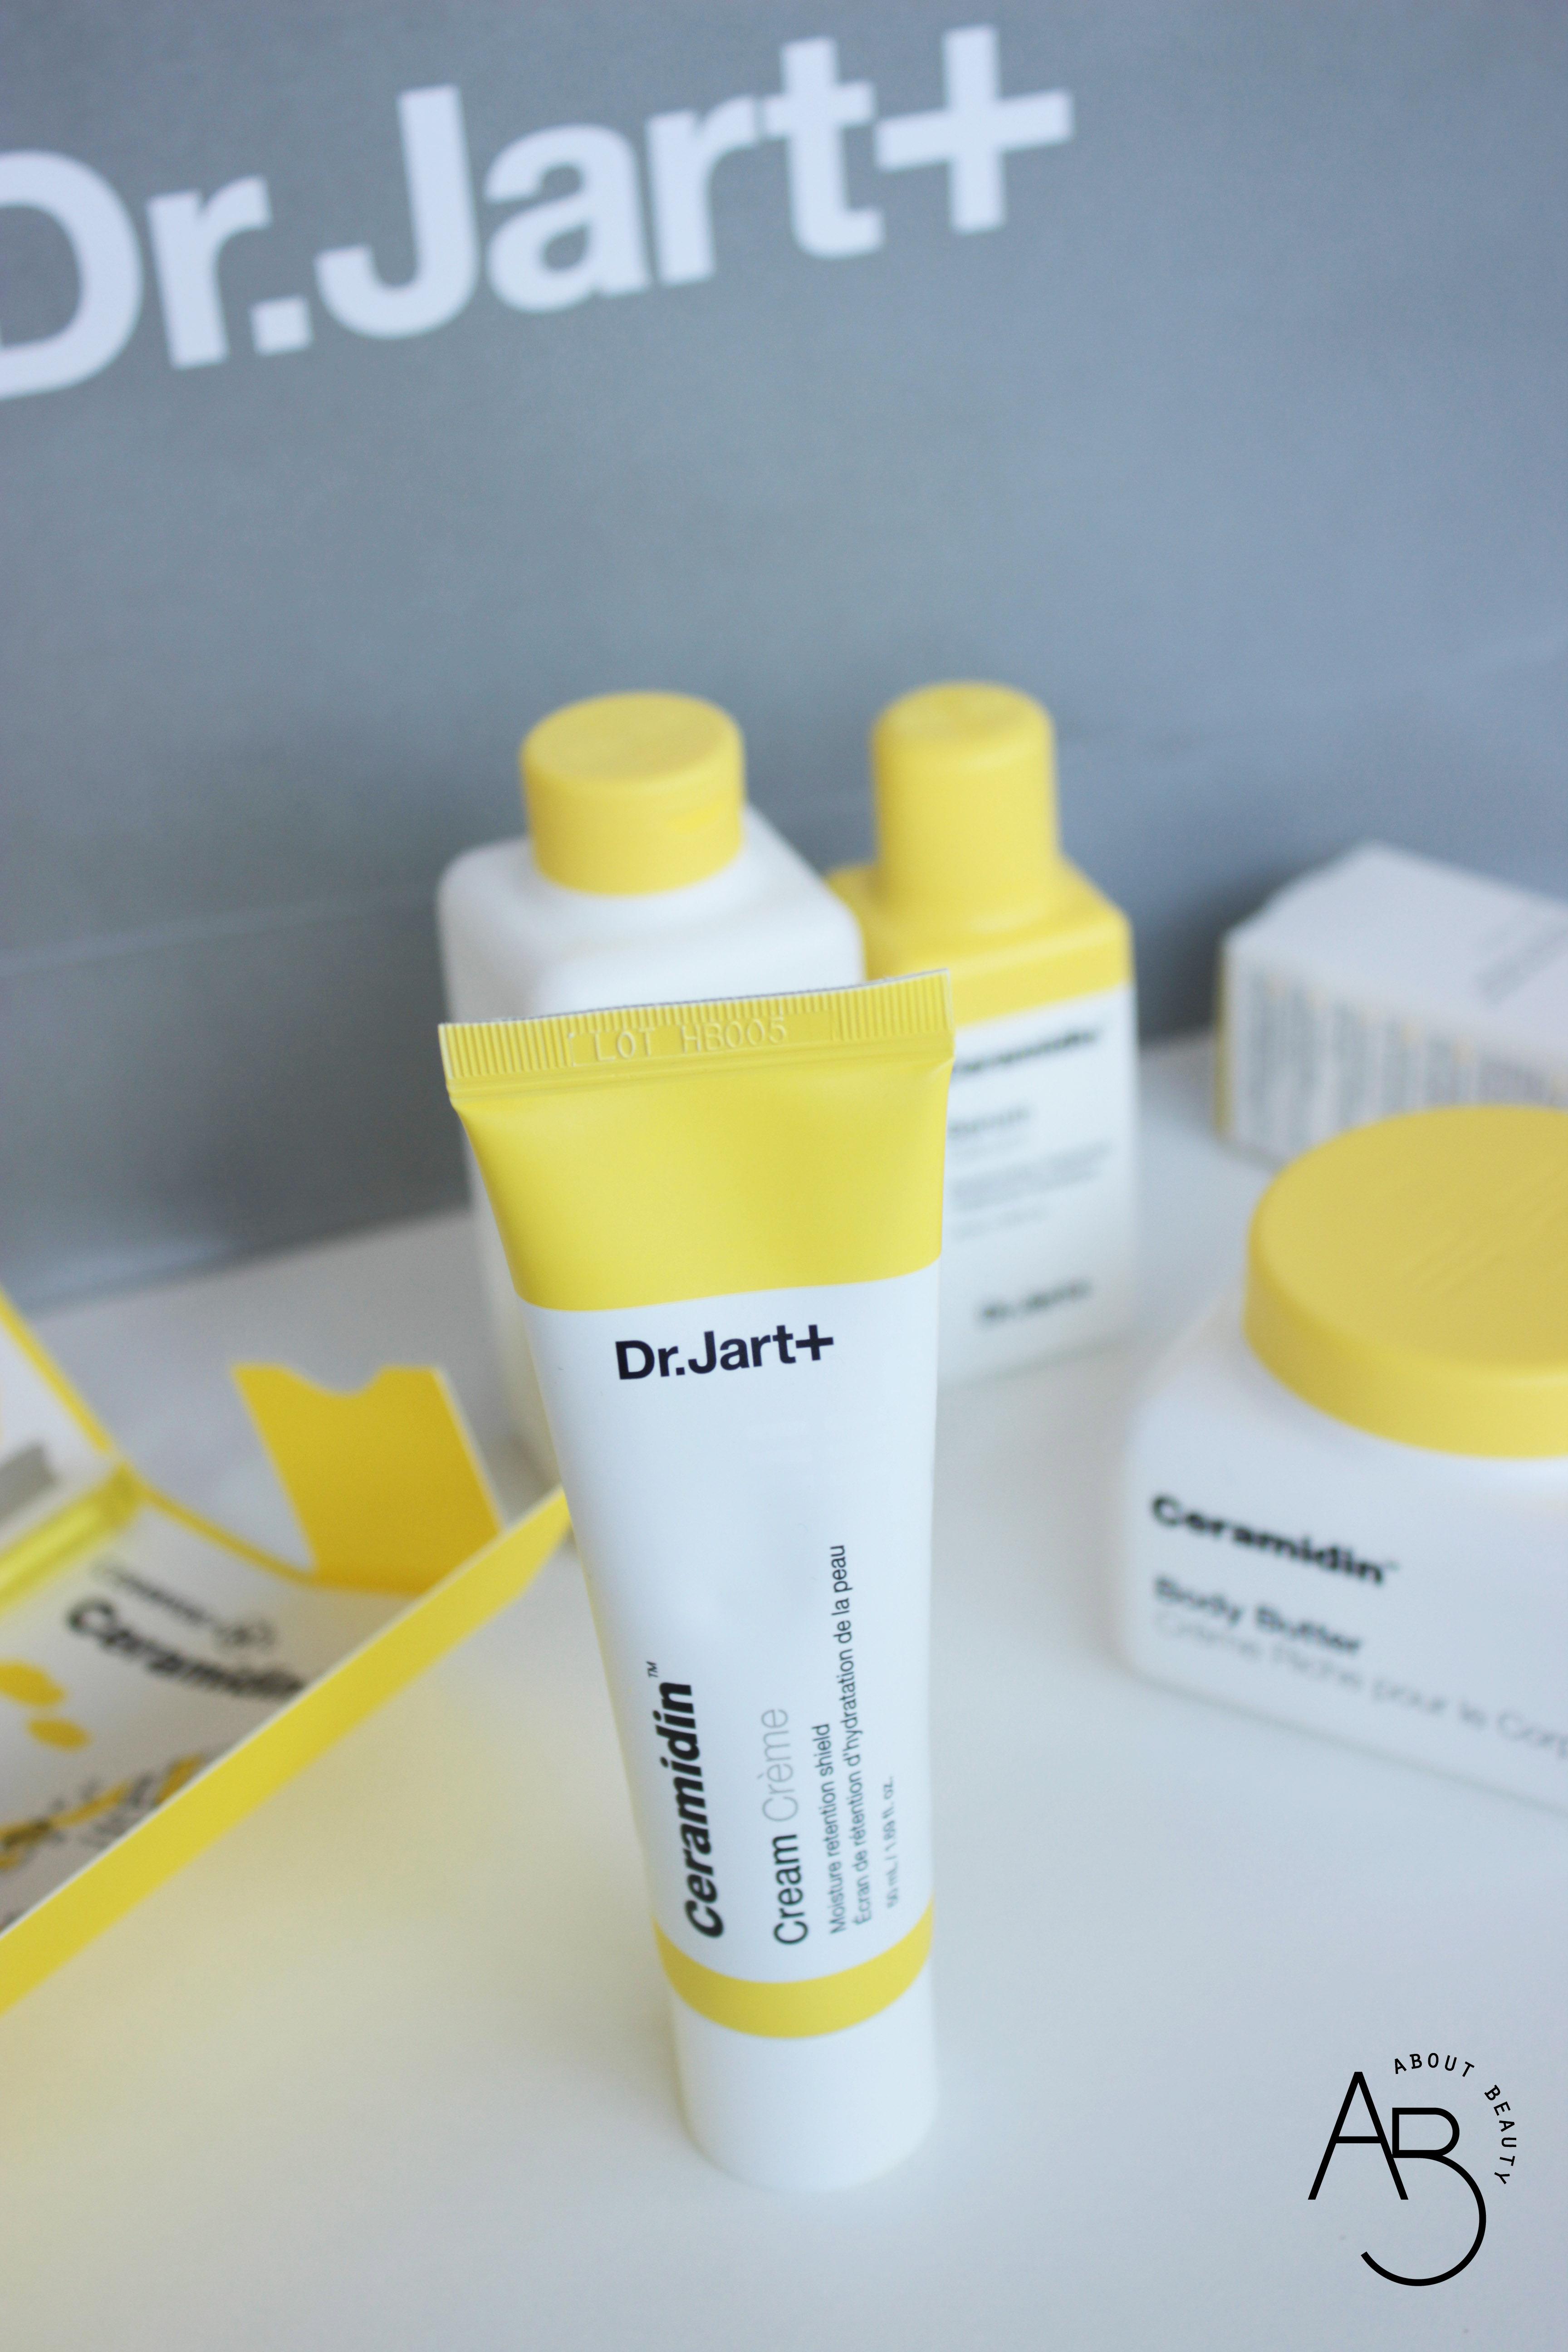 Dr.Jart Ceramidin pelle secca e disidratata - Info, opinioni, prezzo, dove acquistare, review, recensione - Cream